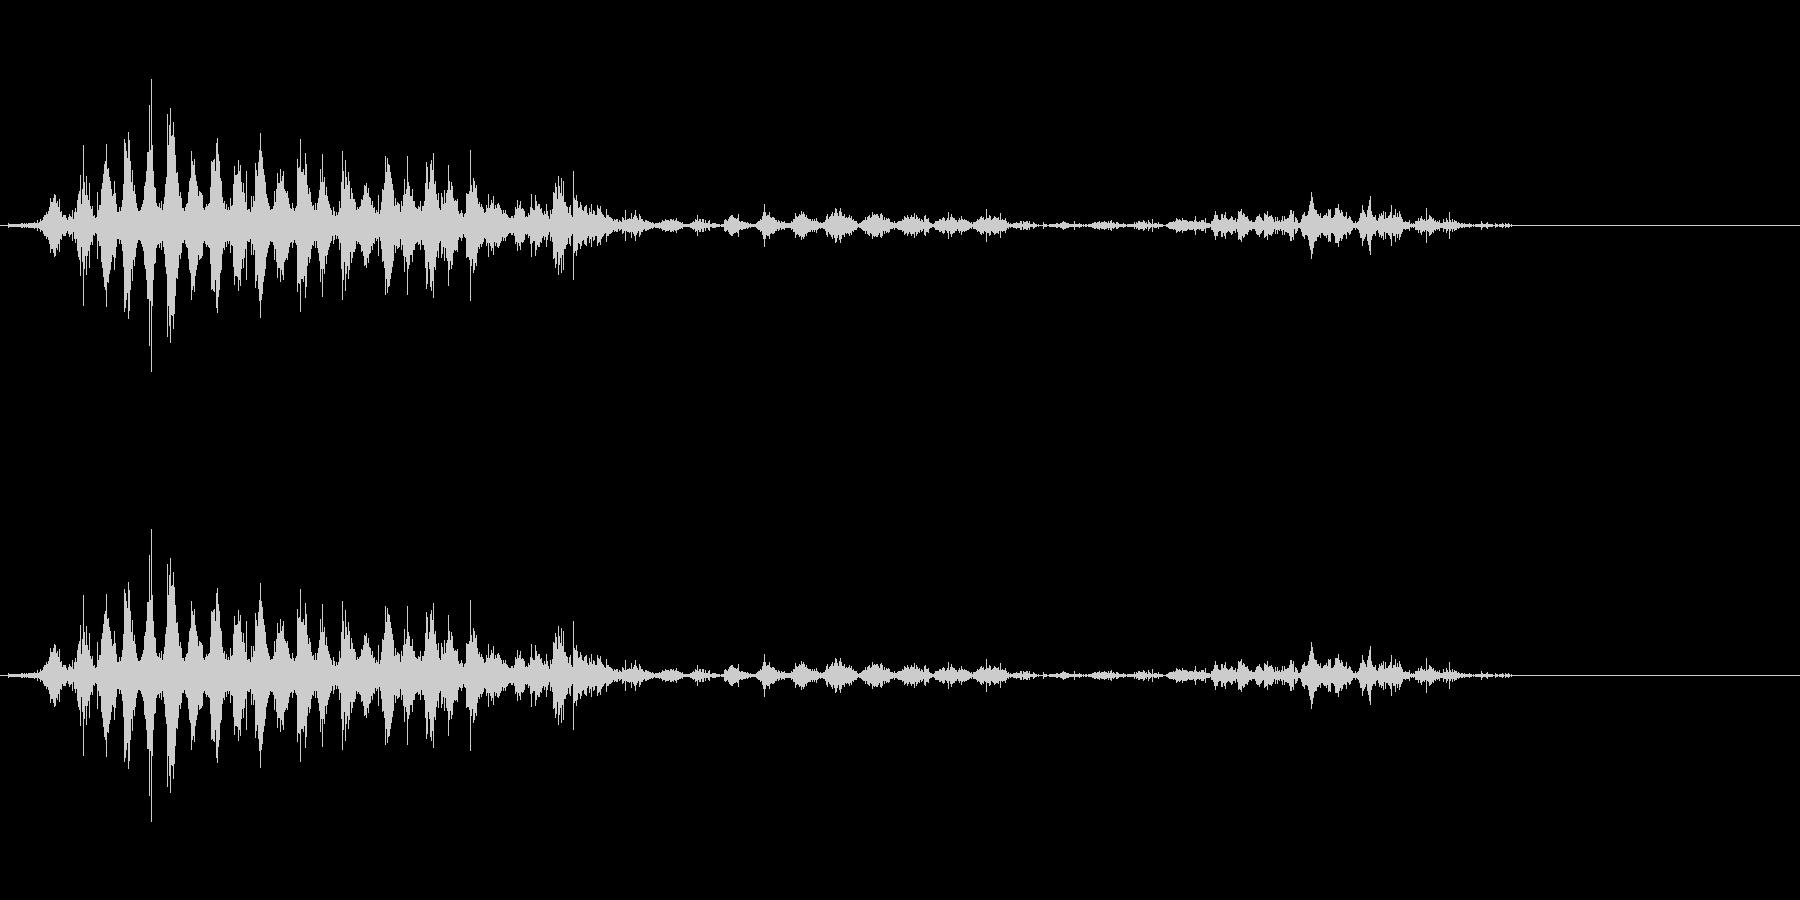 「シャシャシャ〜」木製シェイカーの振り音の未再生の波形